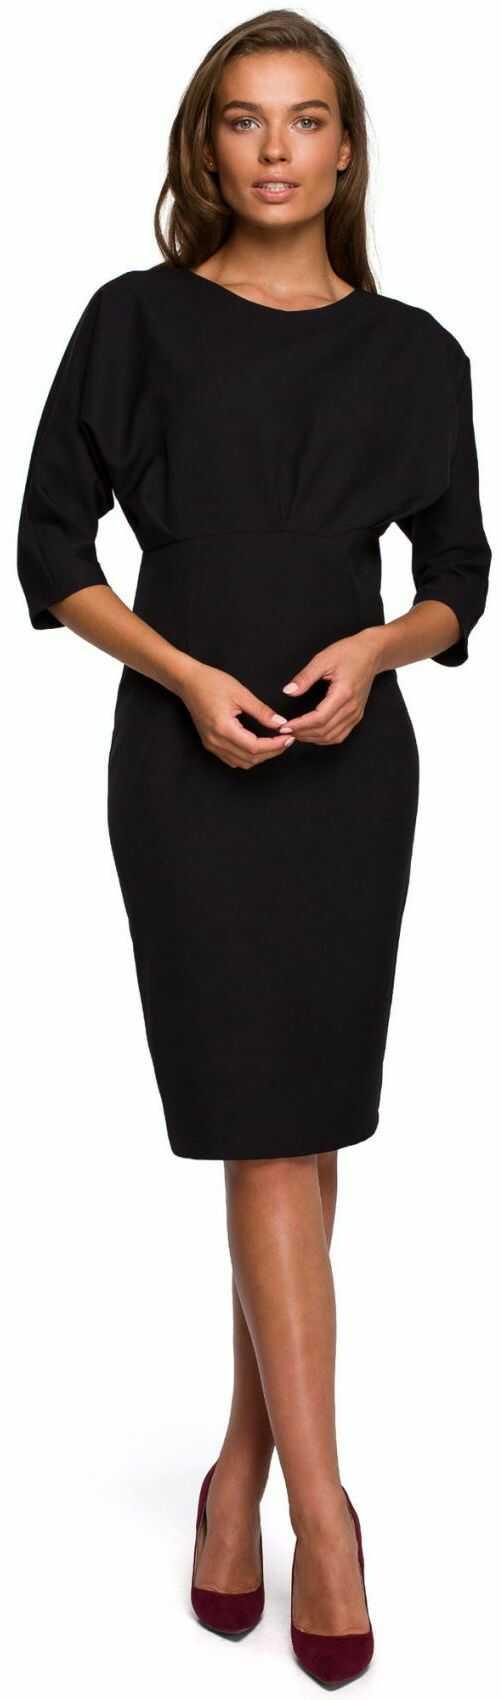 S242 Sukienka z zaszewkami i kimonowymi rękawami - czarna